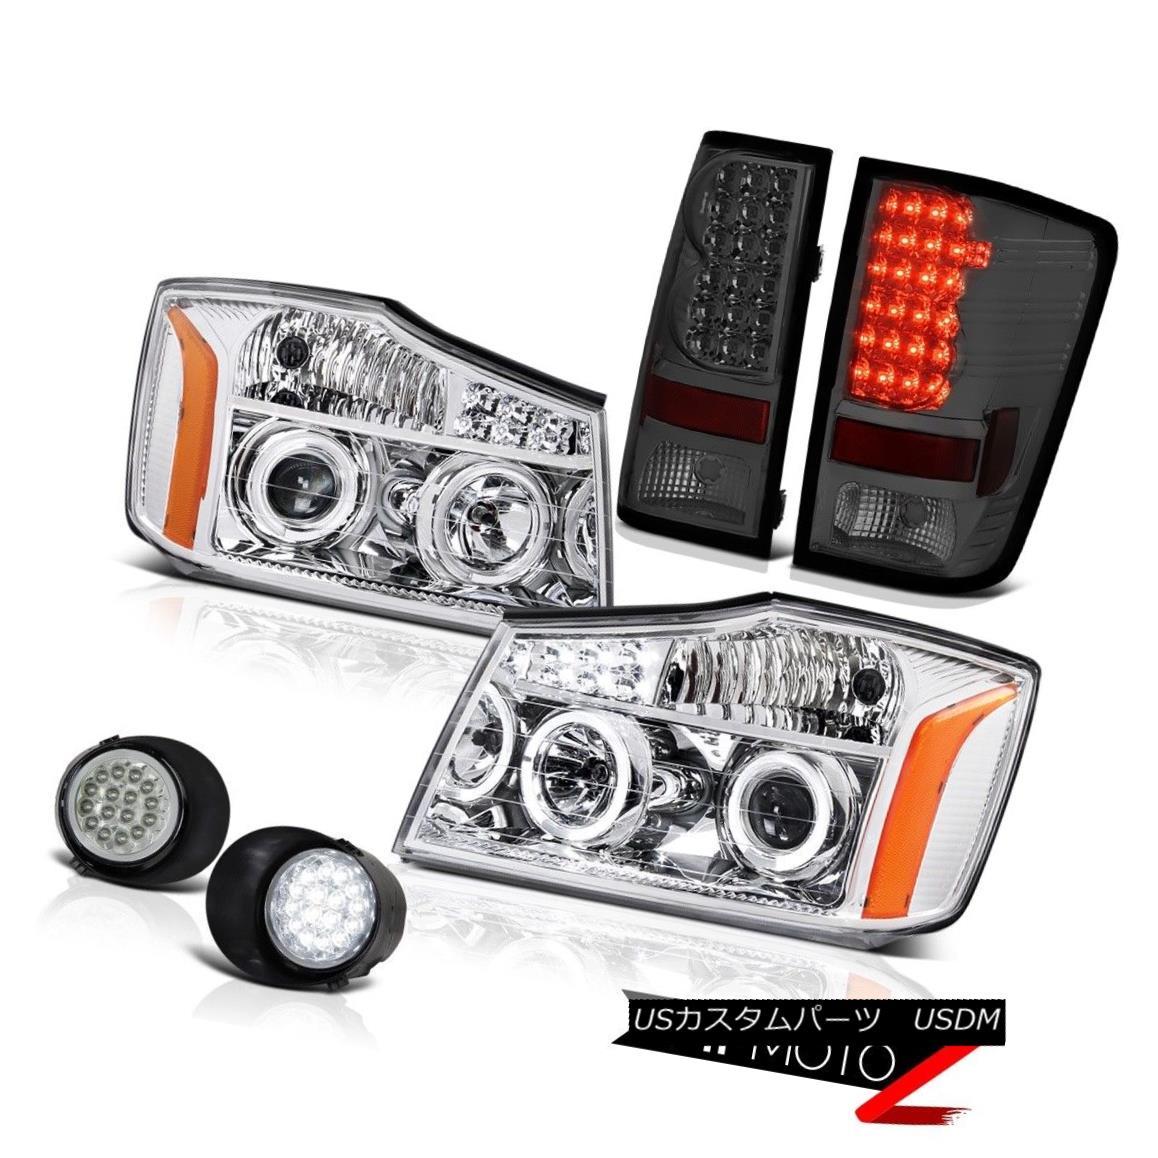 テールライト For 2004-2015 Titan SE Chrome LED Headlamp Assembly Smoke Tail Light DRL Fog Kit 2004年?2015年タイタンSEクロームLEDヘッドランプアセンブリ煙テールライトDRLフォグキット